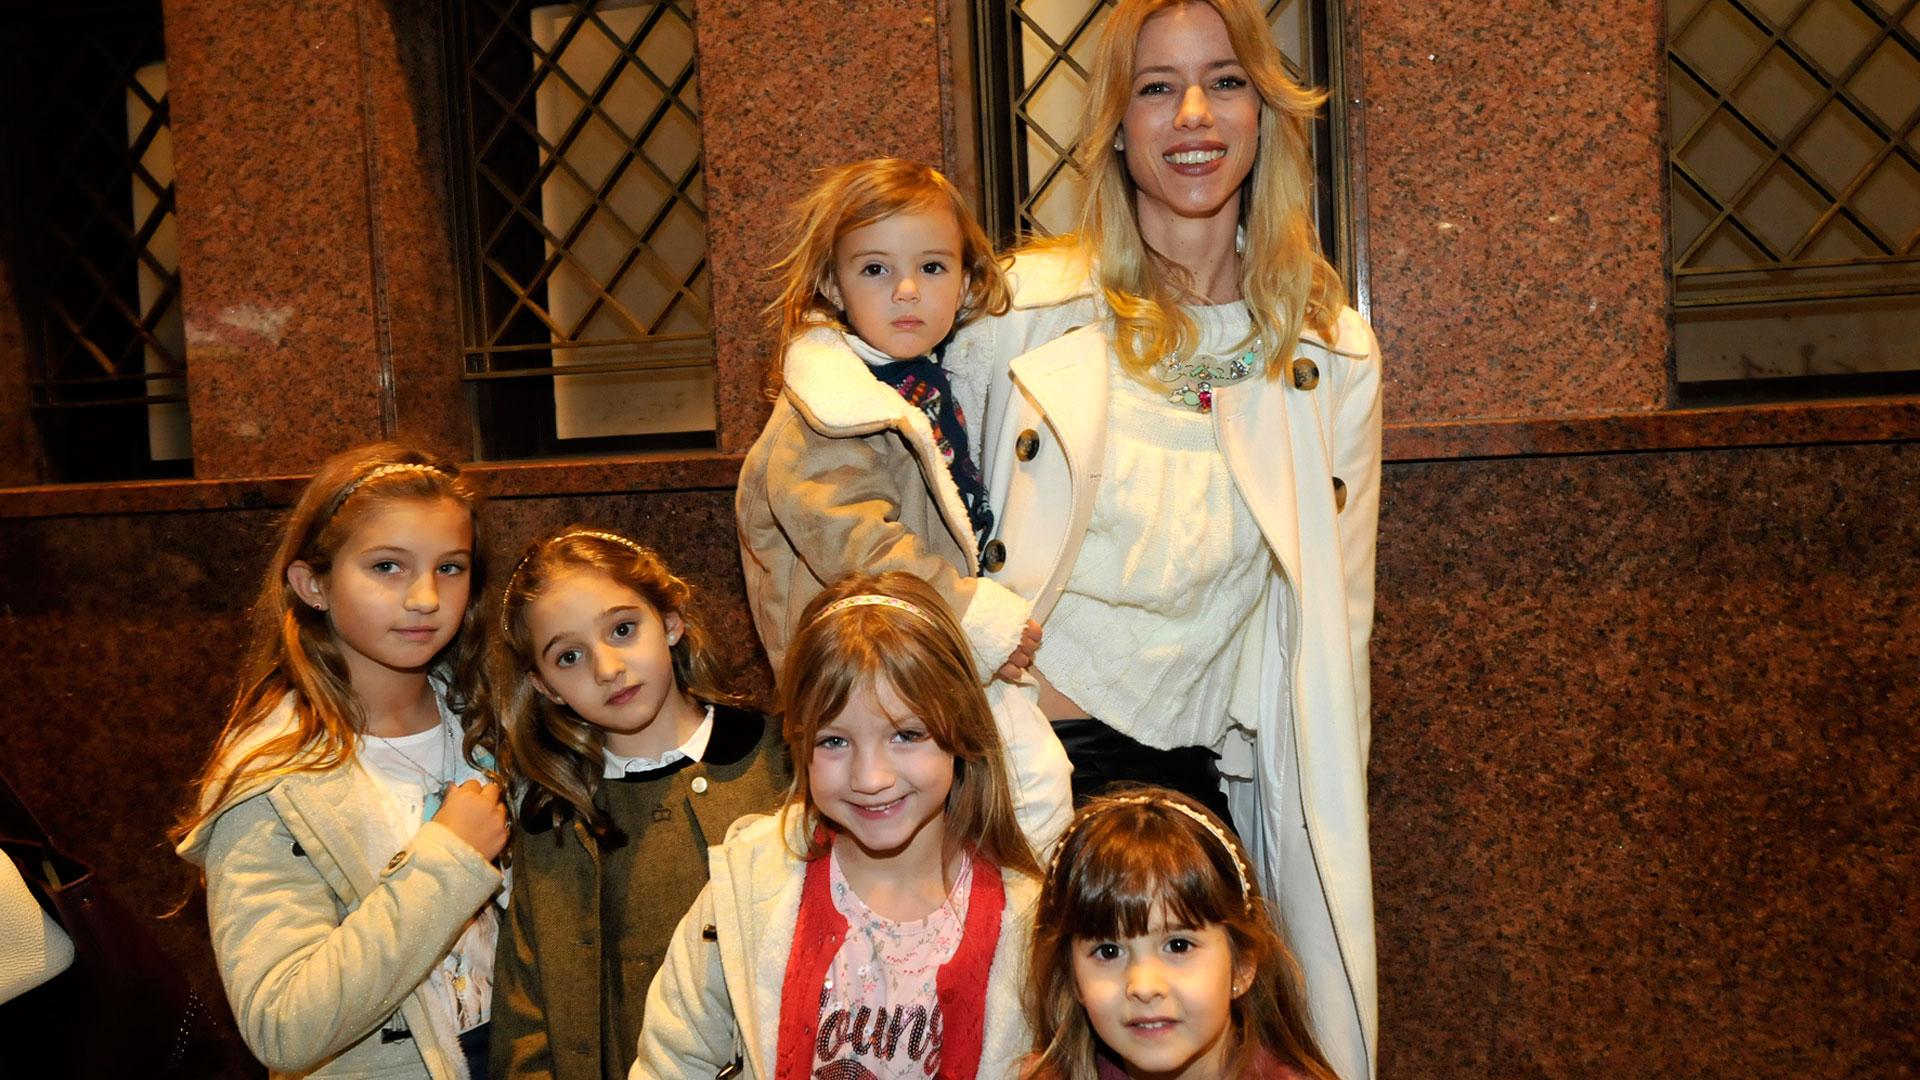 Nicole Neumann, rodeada de niños